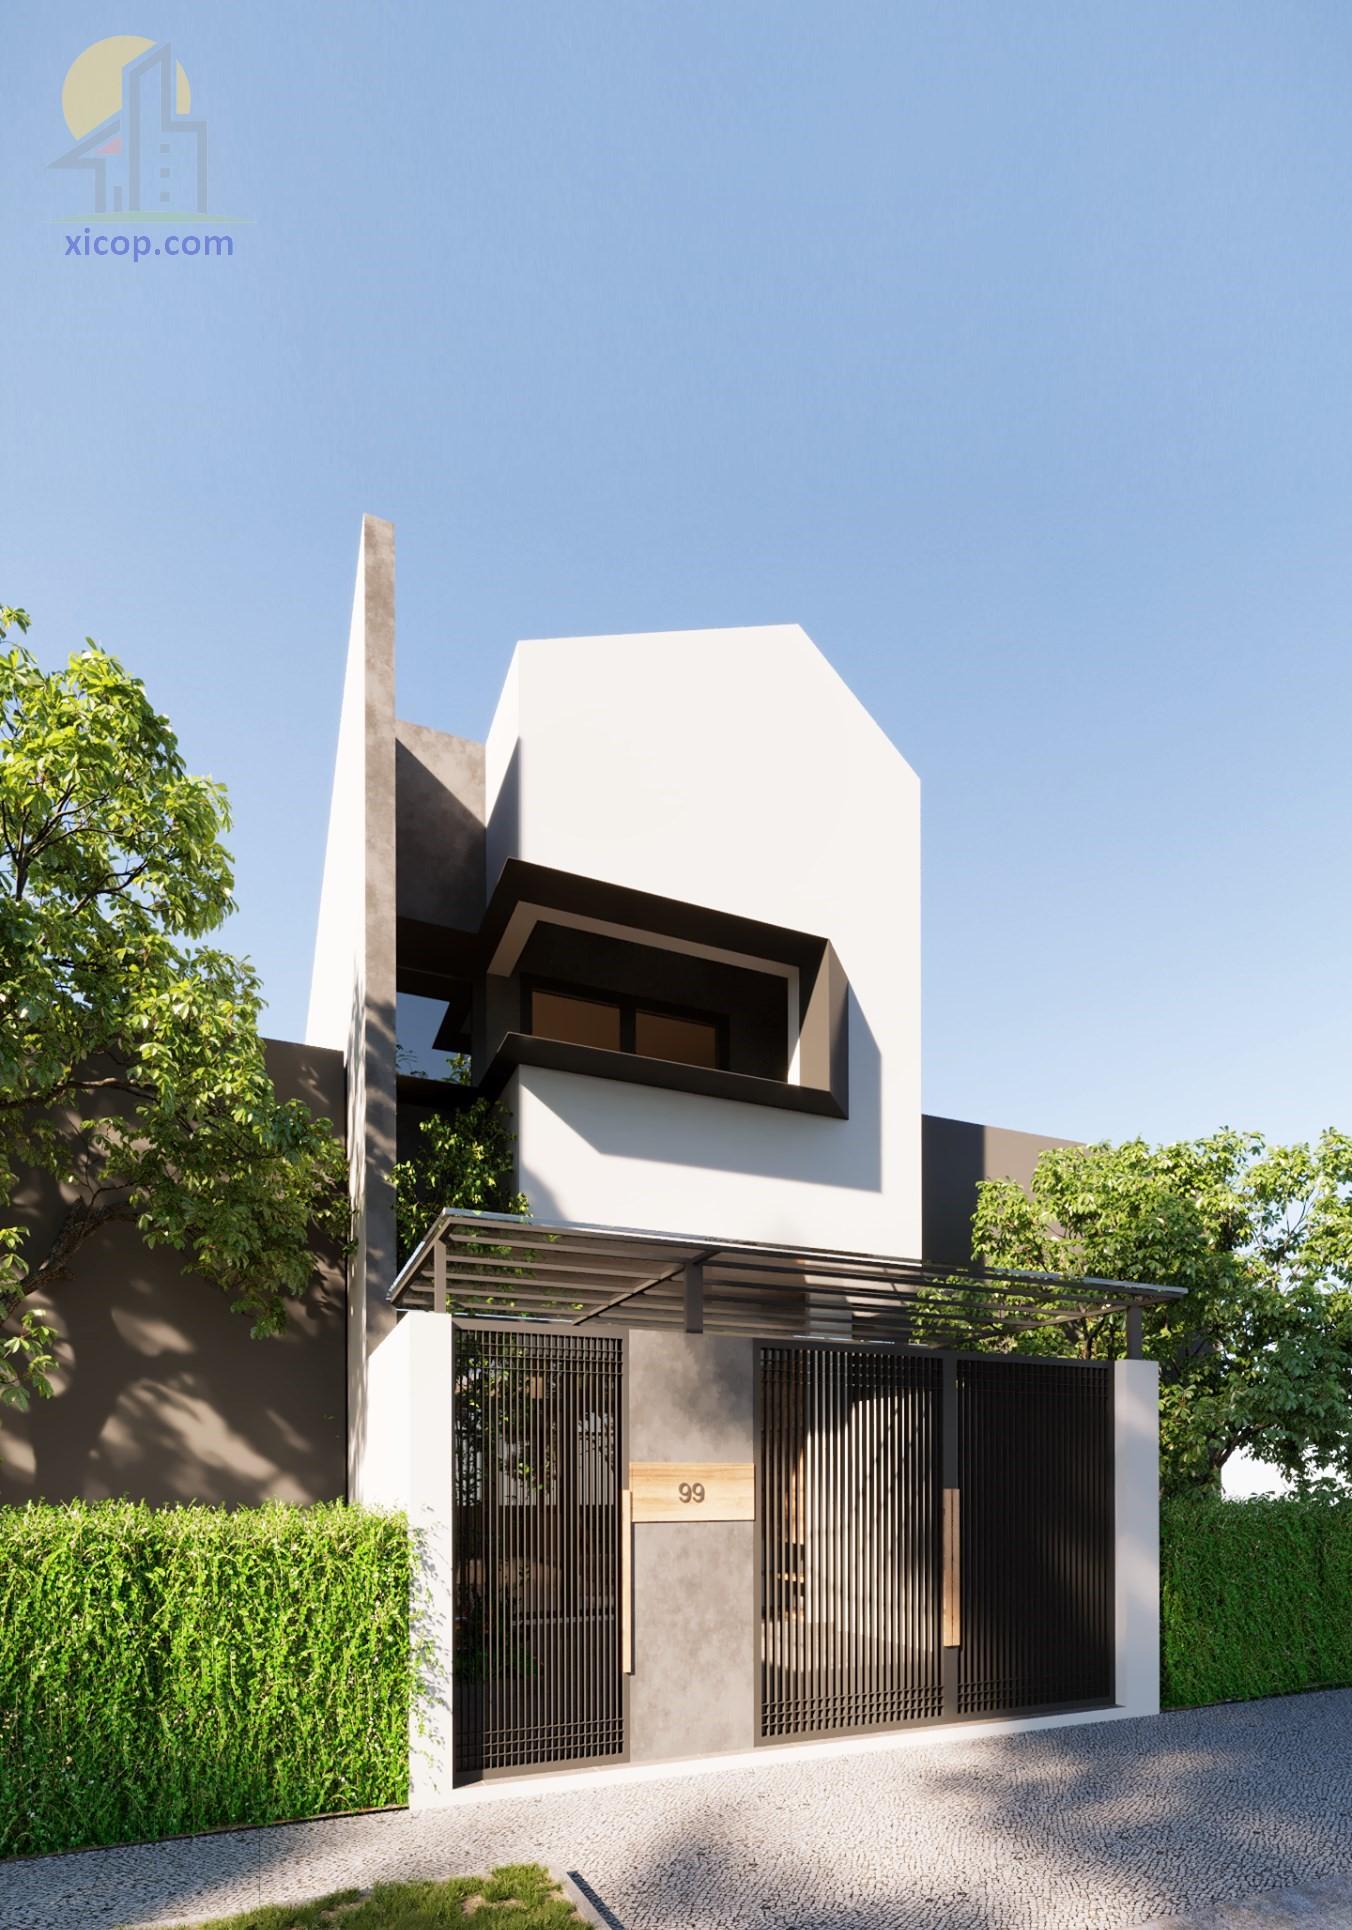 Nhà phố phong cách hiện đại theo thiết kế đẹp 3 tầng